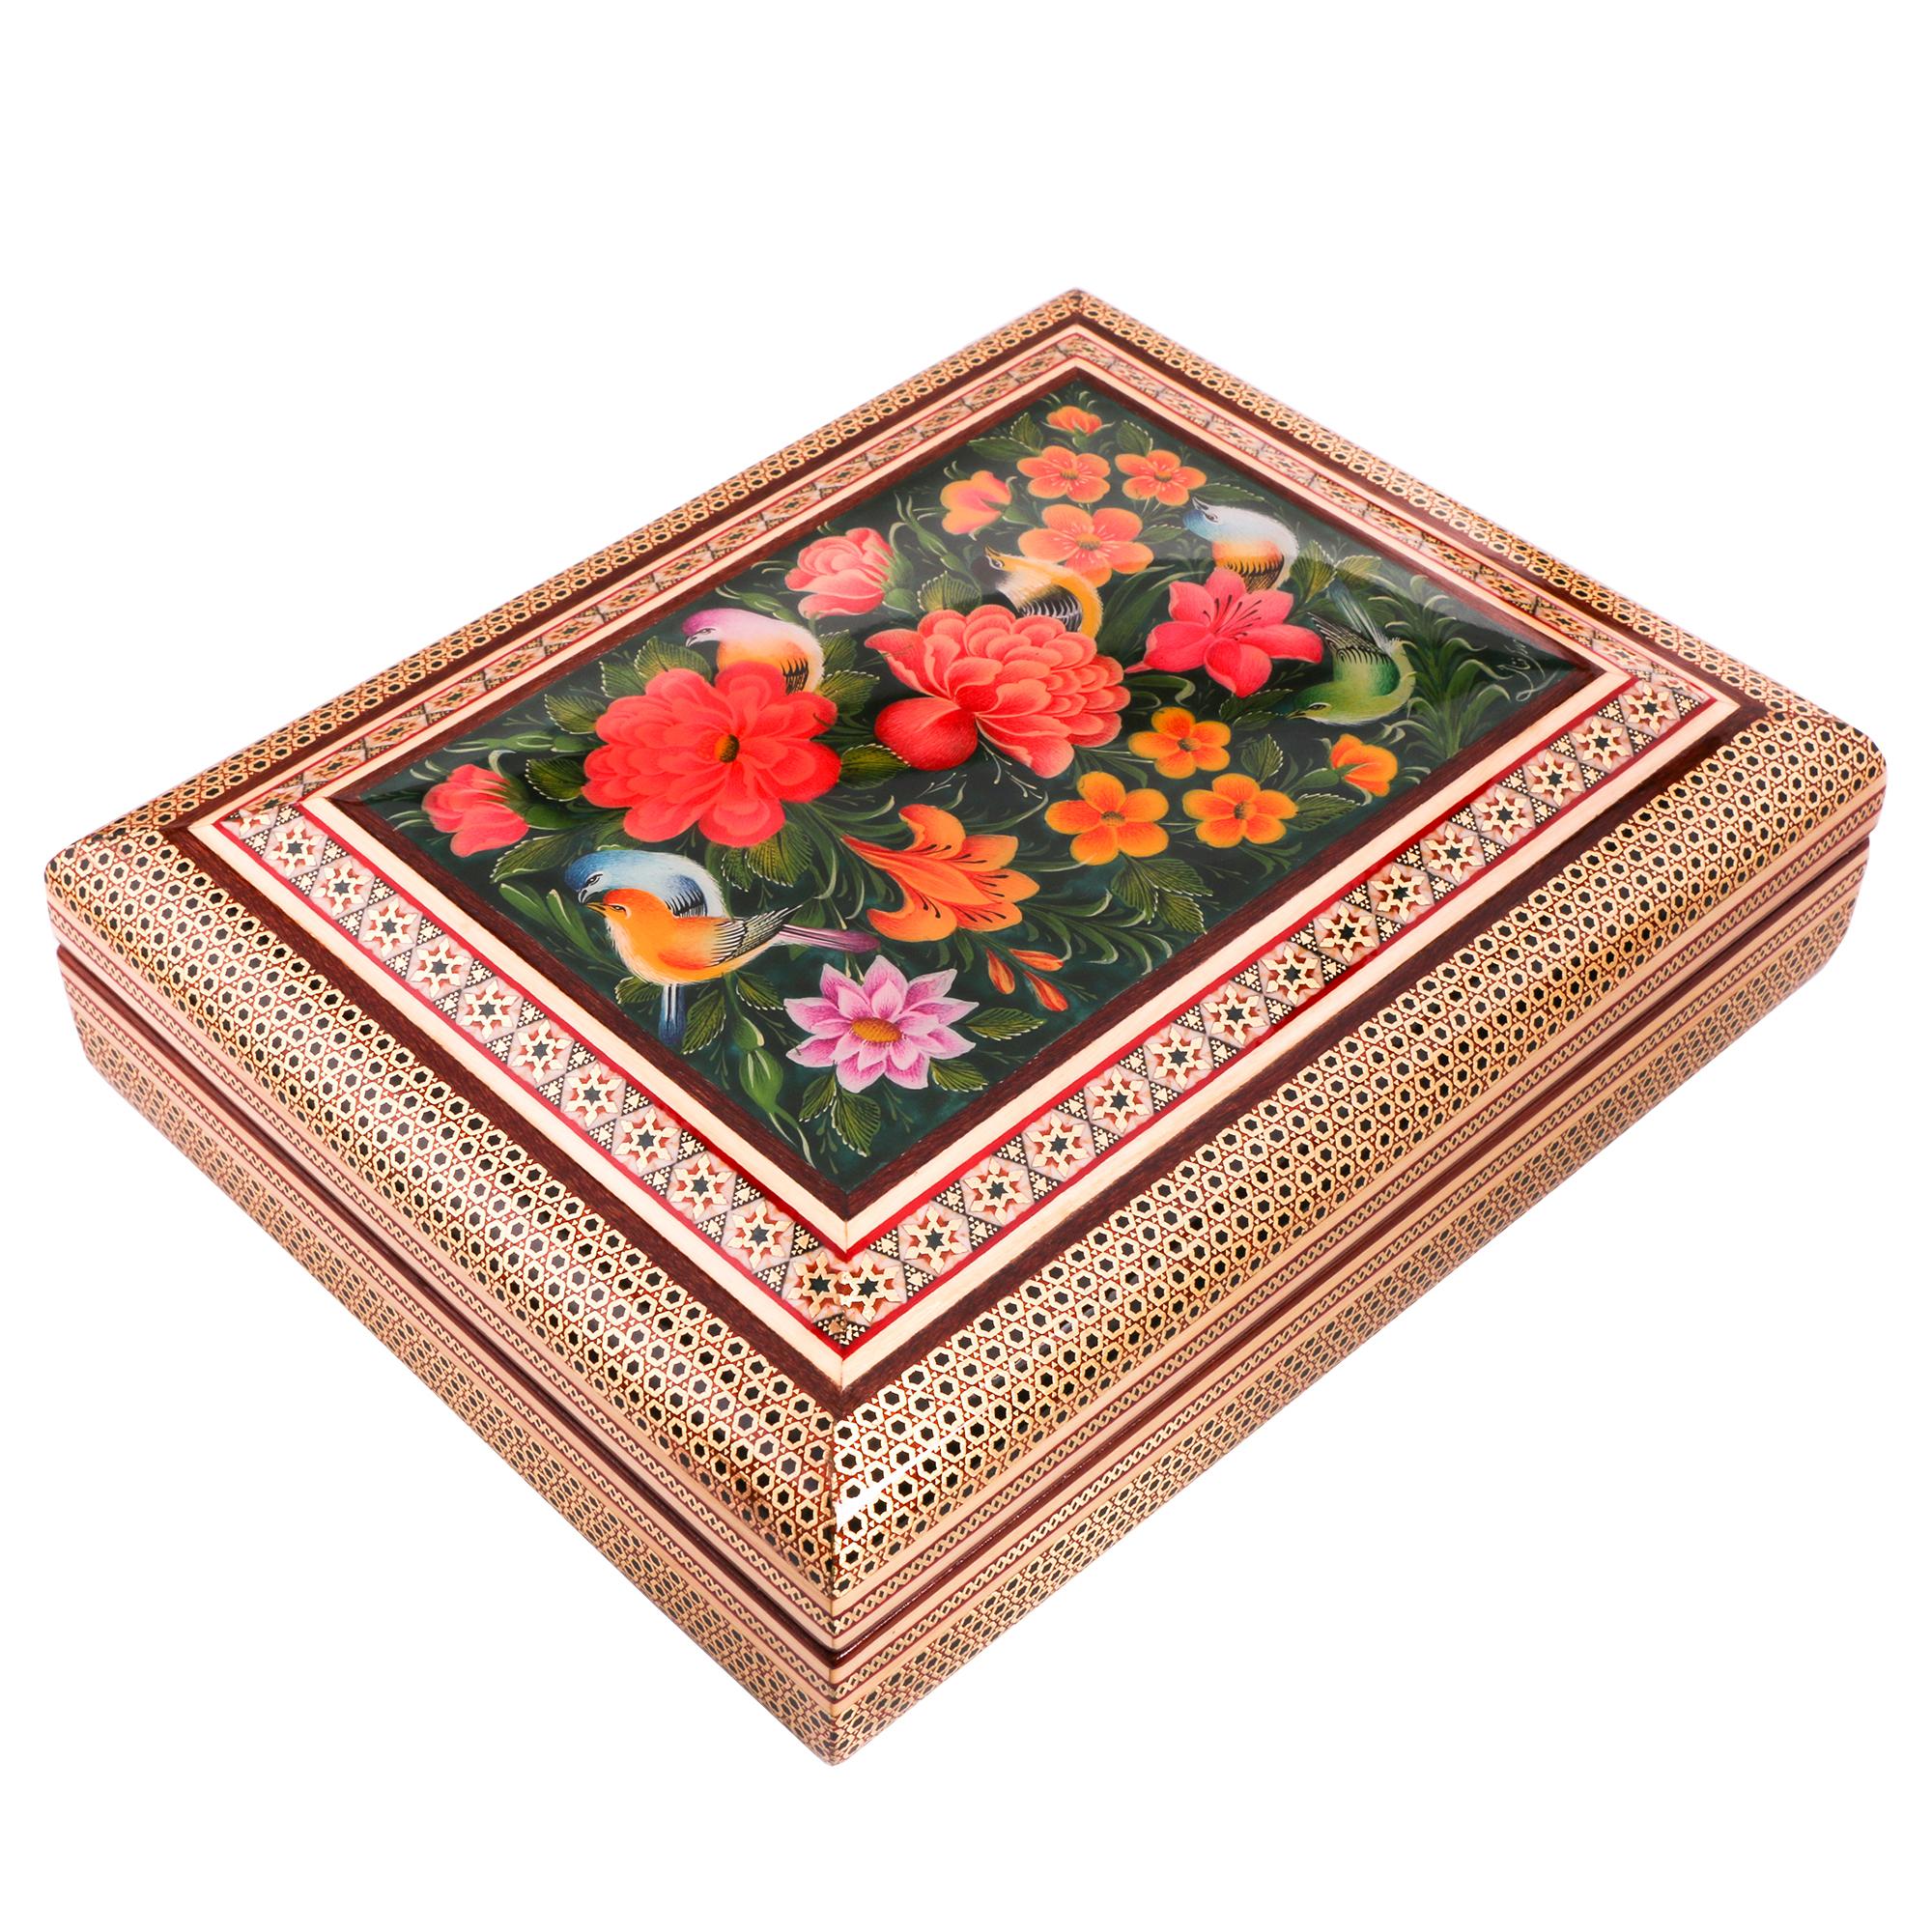 جعبه قرآن خاتم کاری کد 975